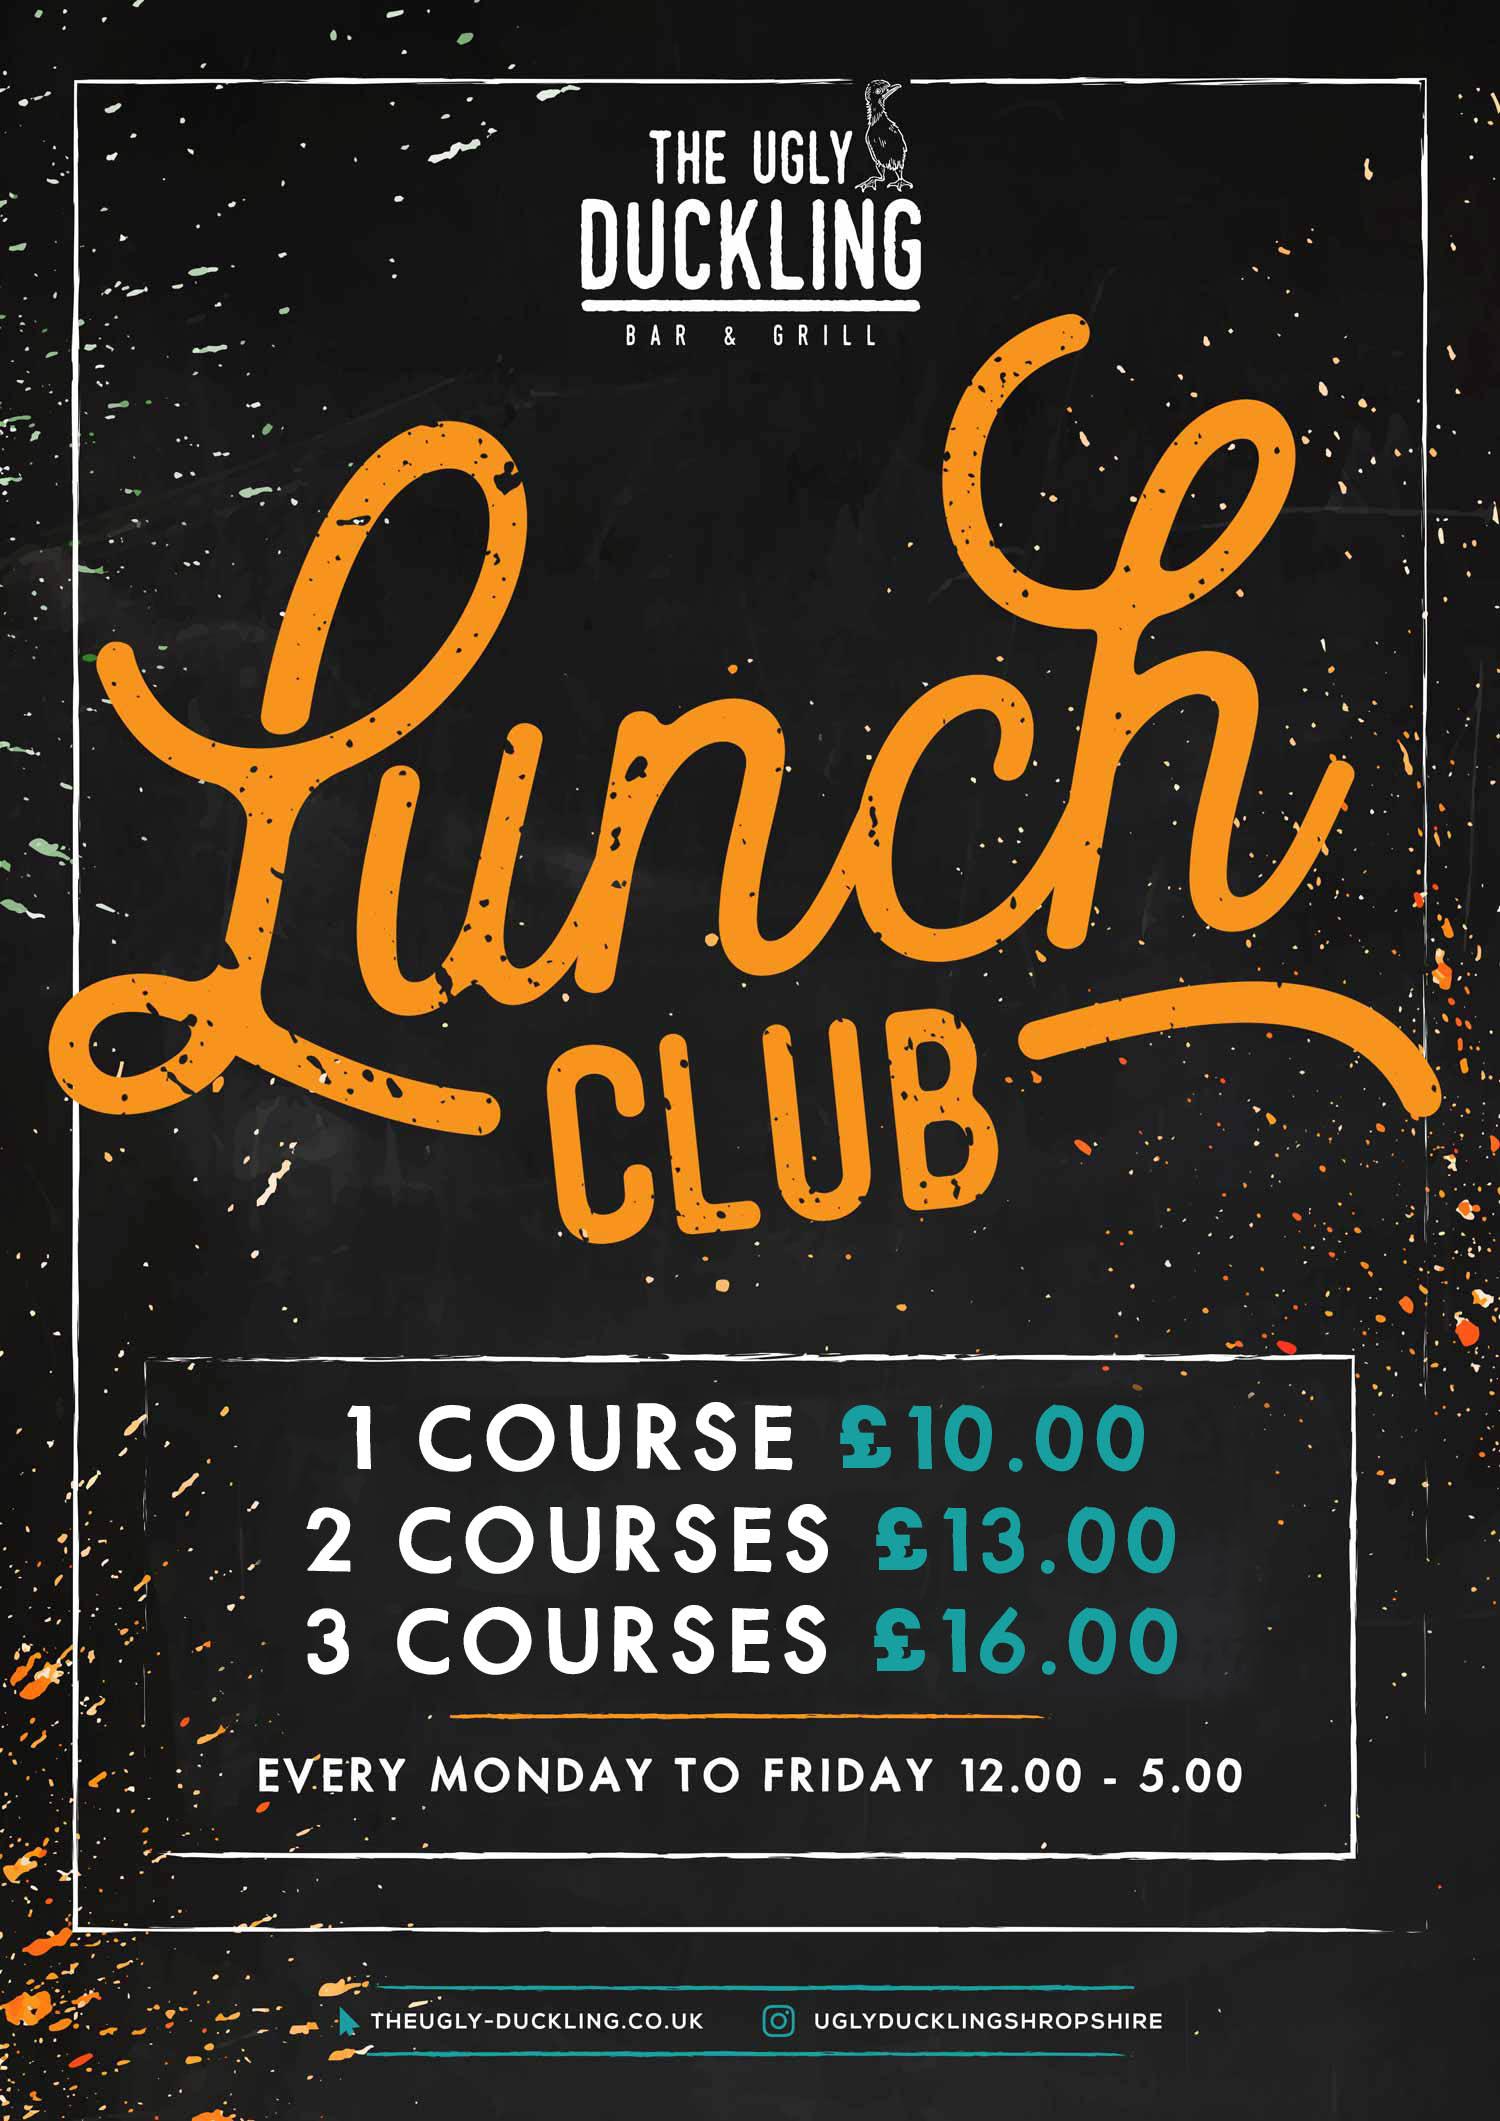 lunch-club-web.jpg